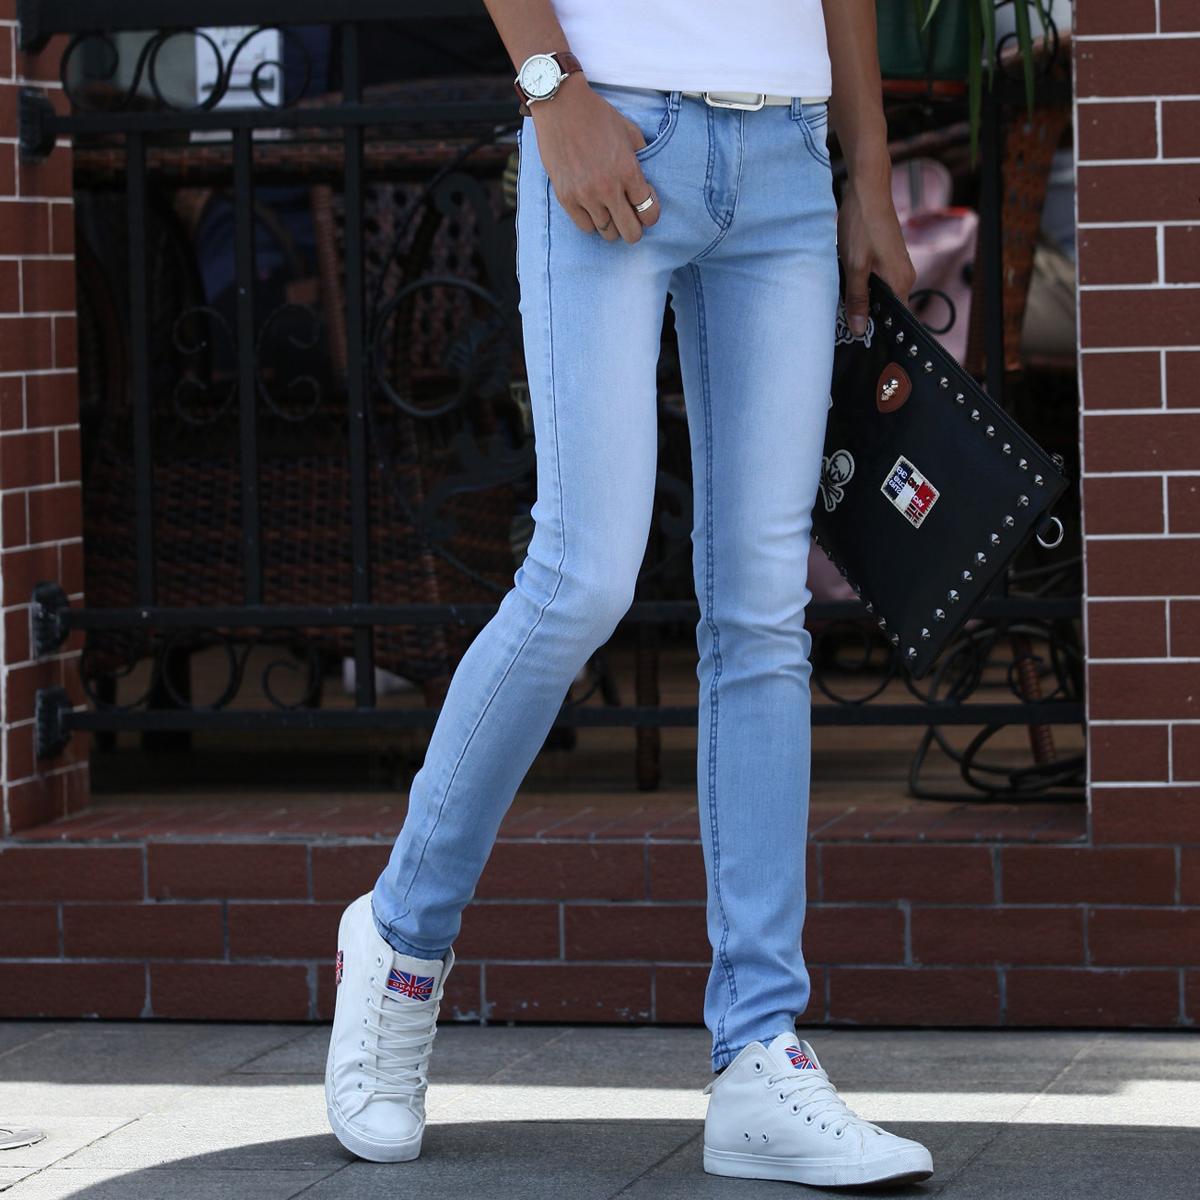 青少年秋季新款牛仔裤男士弹力修身小脚韩版潮流学生紧身显瘦裤子